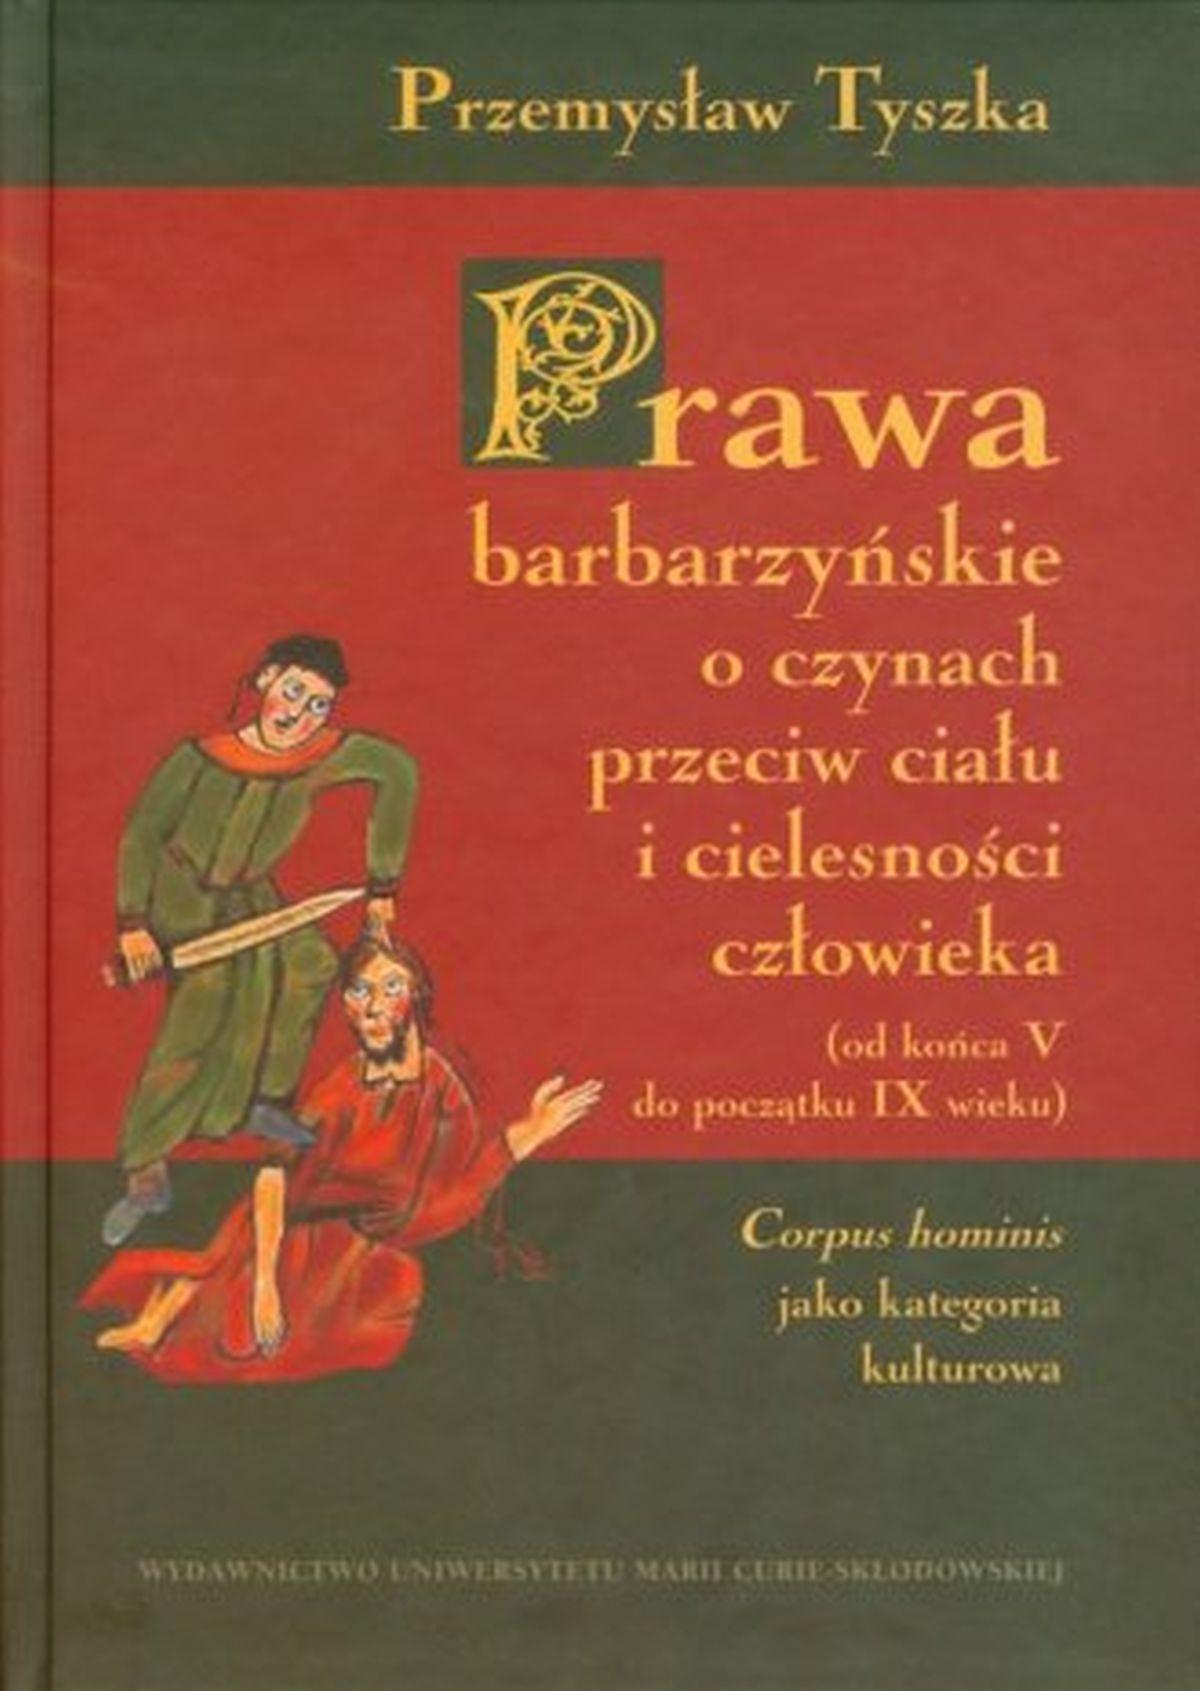 Prawa barbarzyńskie o czynach przeciw ciału i cielesności człowieka od końca V do początku IX wieku. Corpus hominis jako kategoria kulturowa